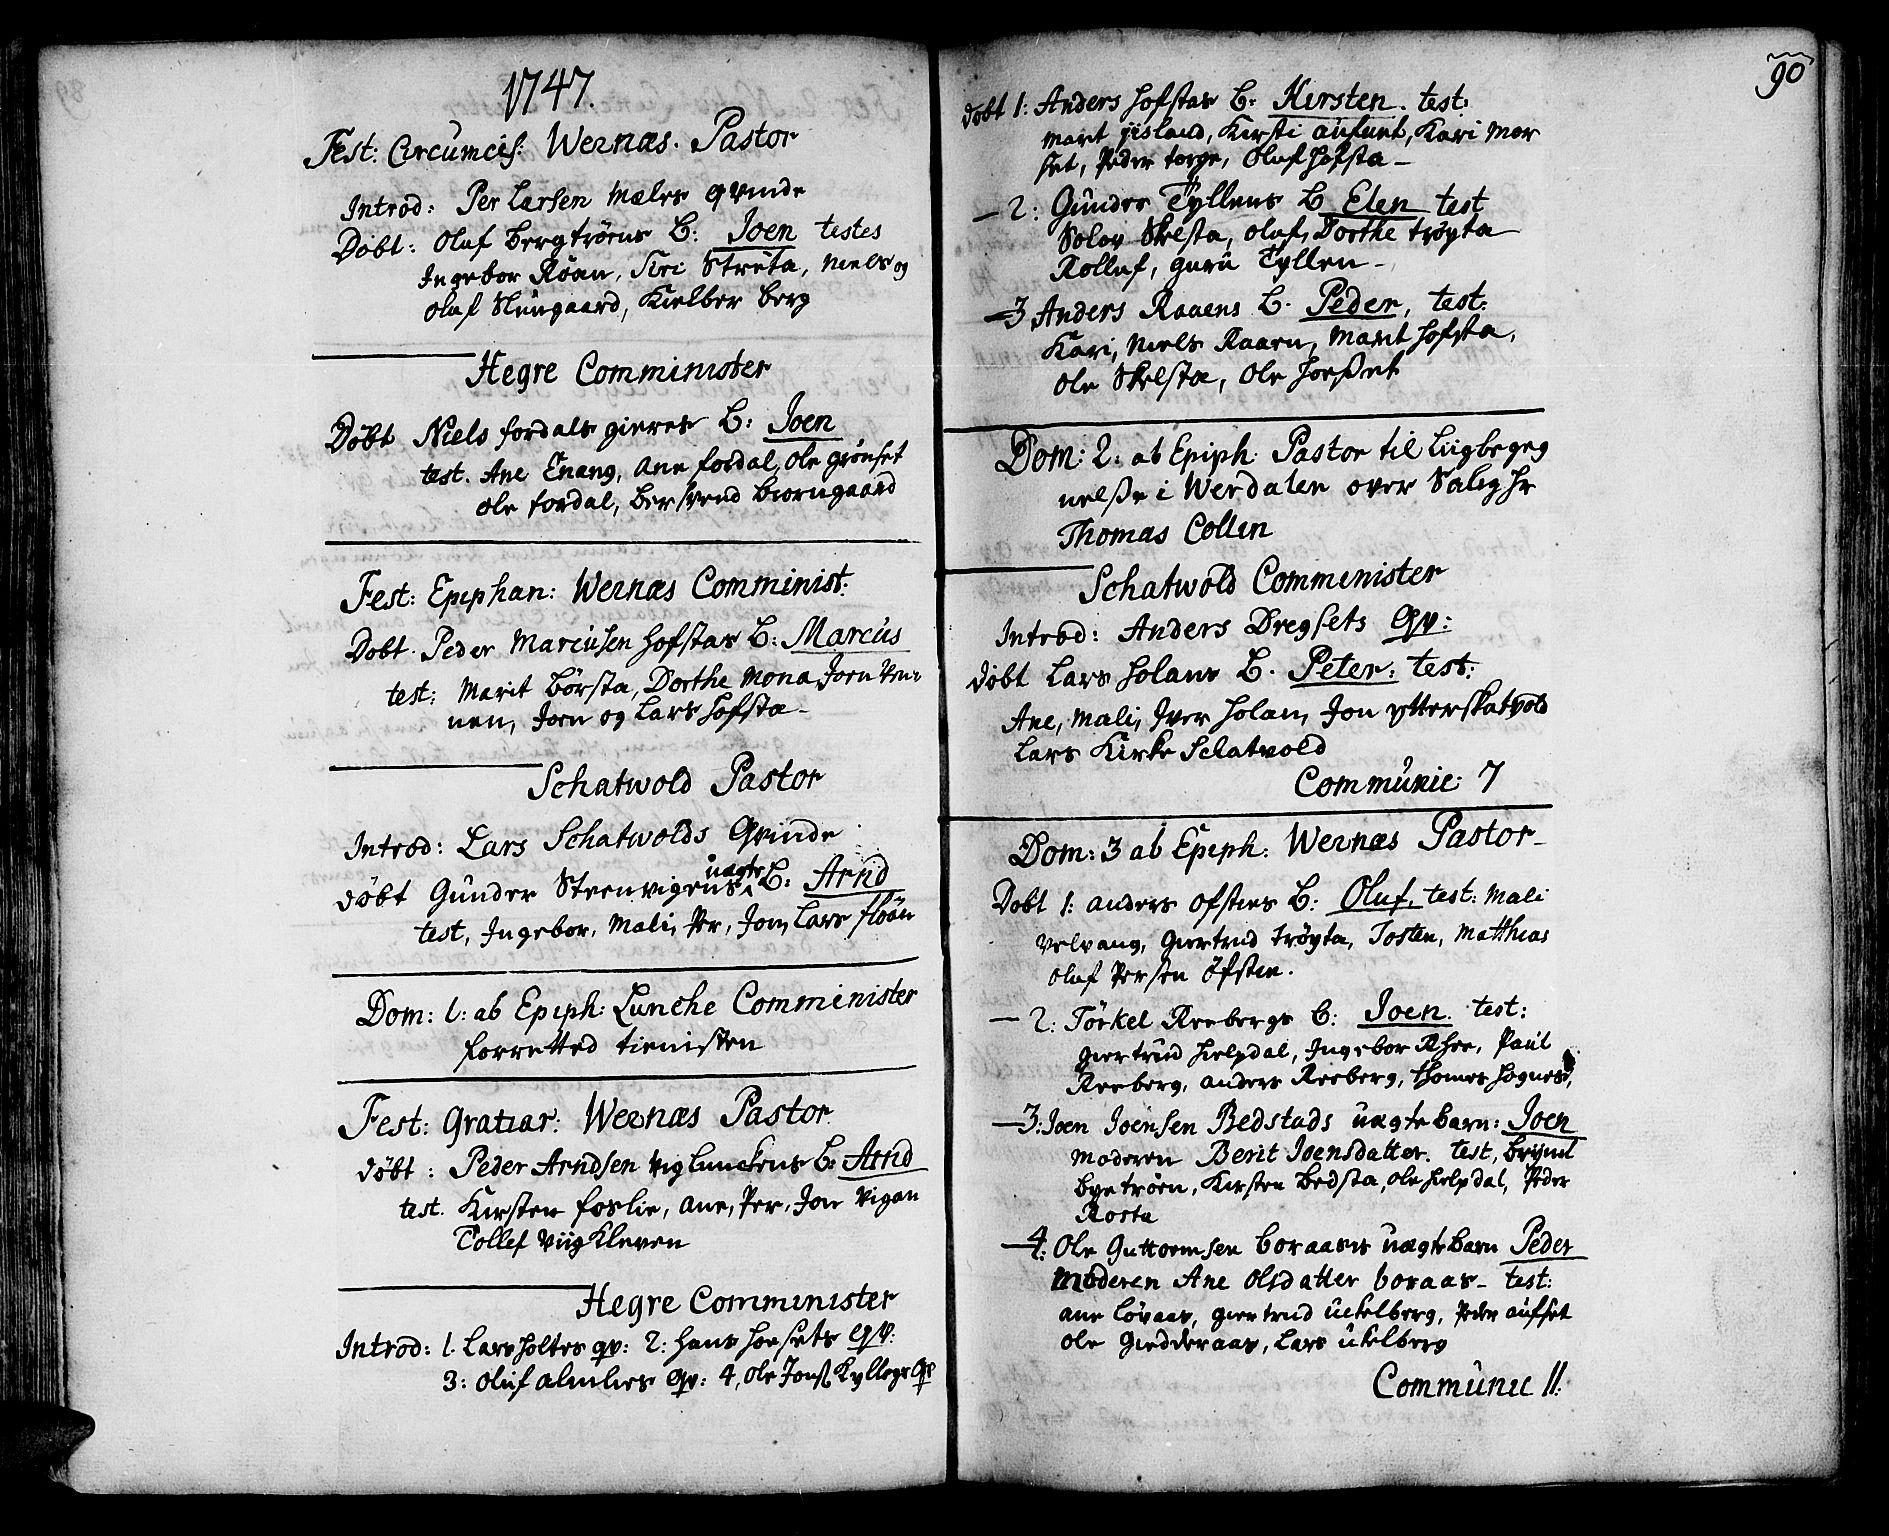 SAT, Ministerialprotokoller, klokkerbøker og fødselsregistre - Nord-Trøndelag, 709/L0056: Ministerialbok nr. 709A04, 1740-1756, s. 90